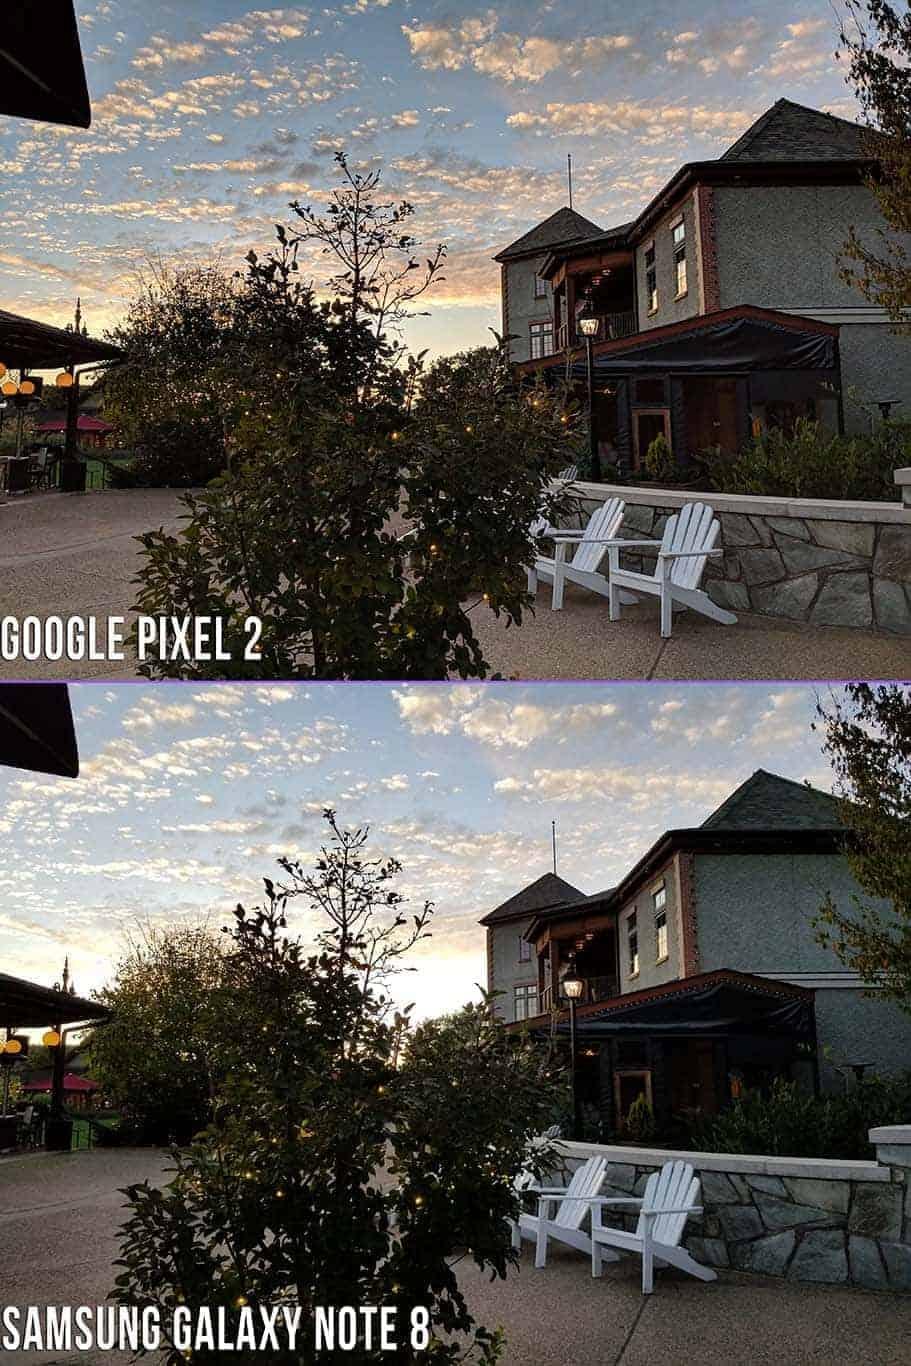 Google pixel 2 review AH NS camara compare 5s